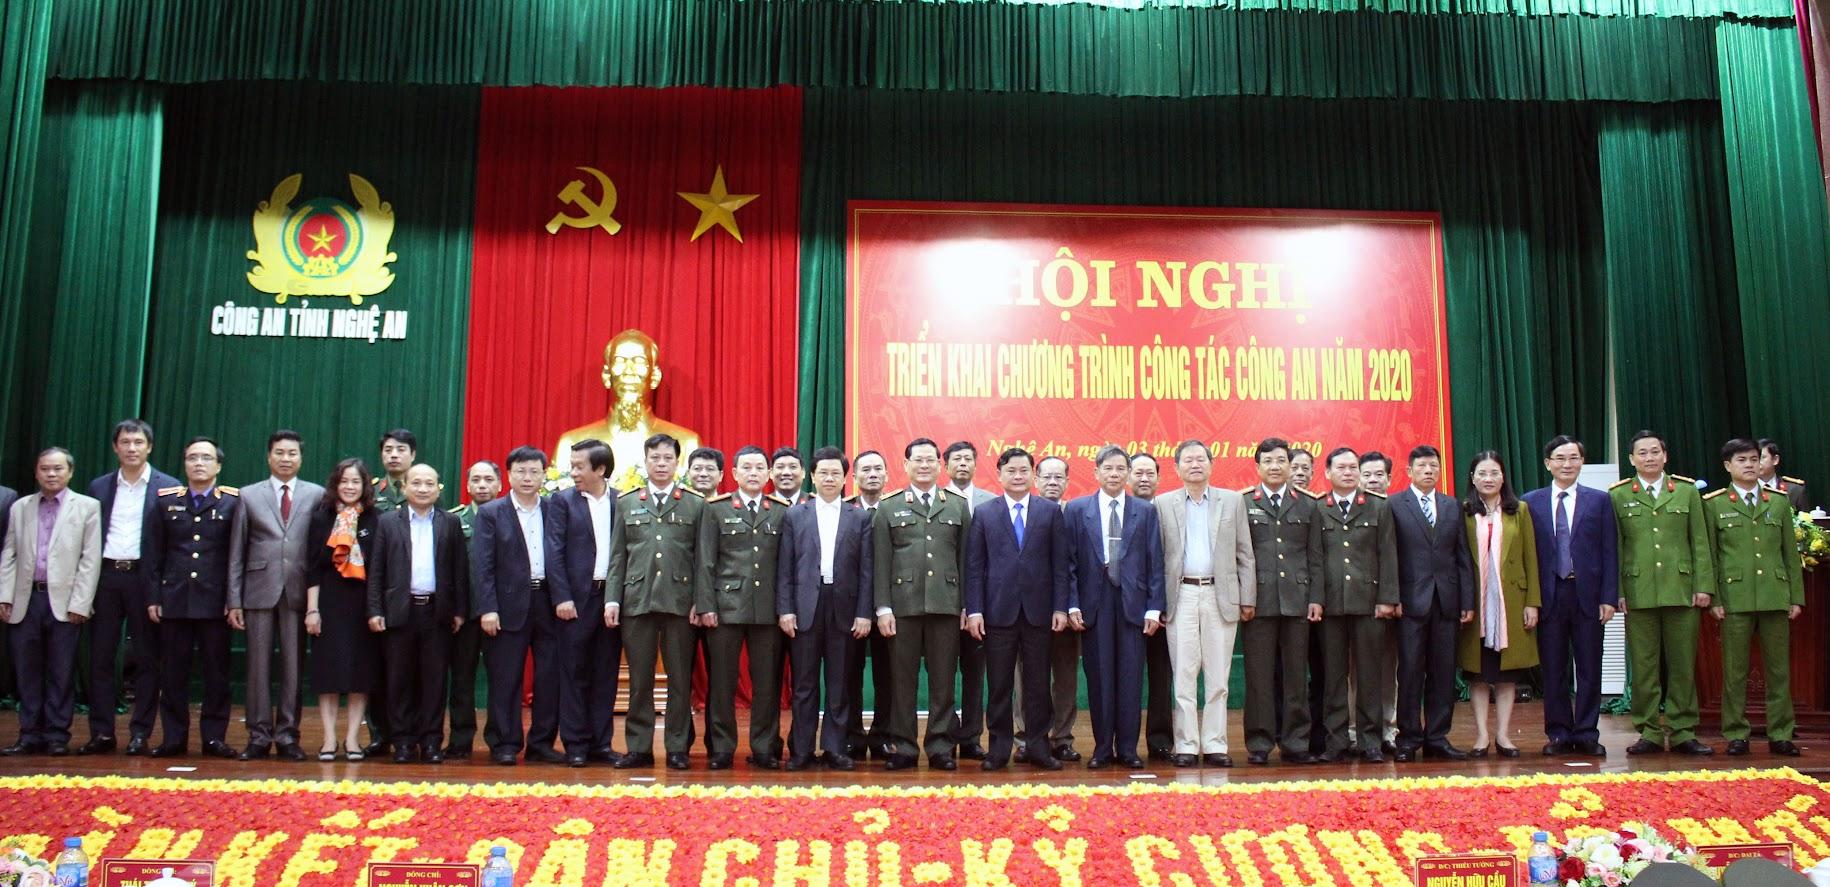 Các đồng chí đại biểu tham dự Hội nghị chụp ảnh lưu niệm